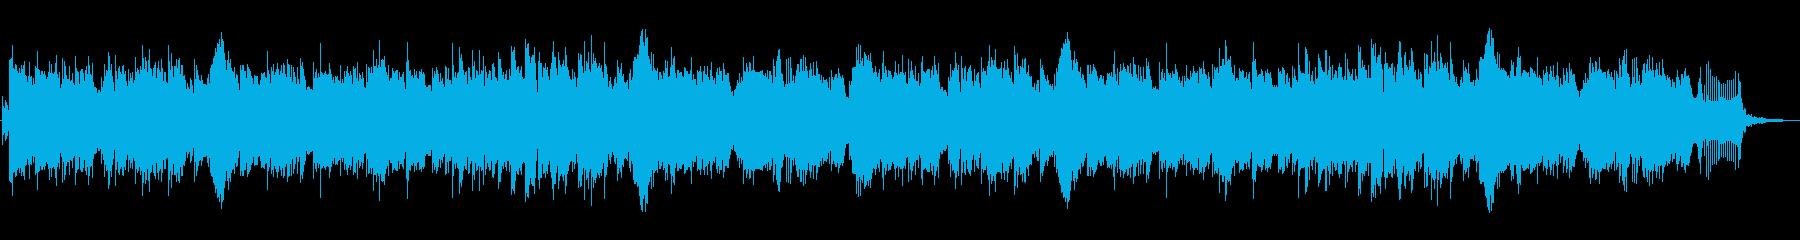 ジブリ風の不思議な生物がでてくるジングルの再生済みの波形